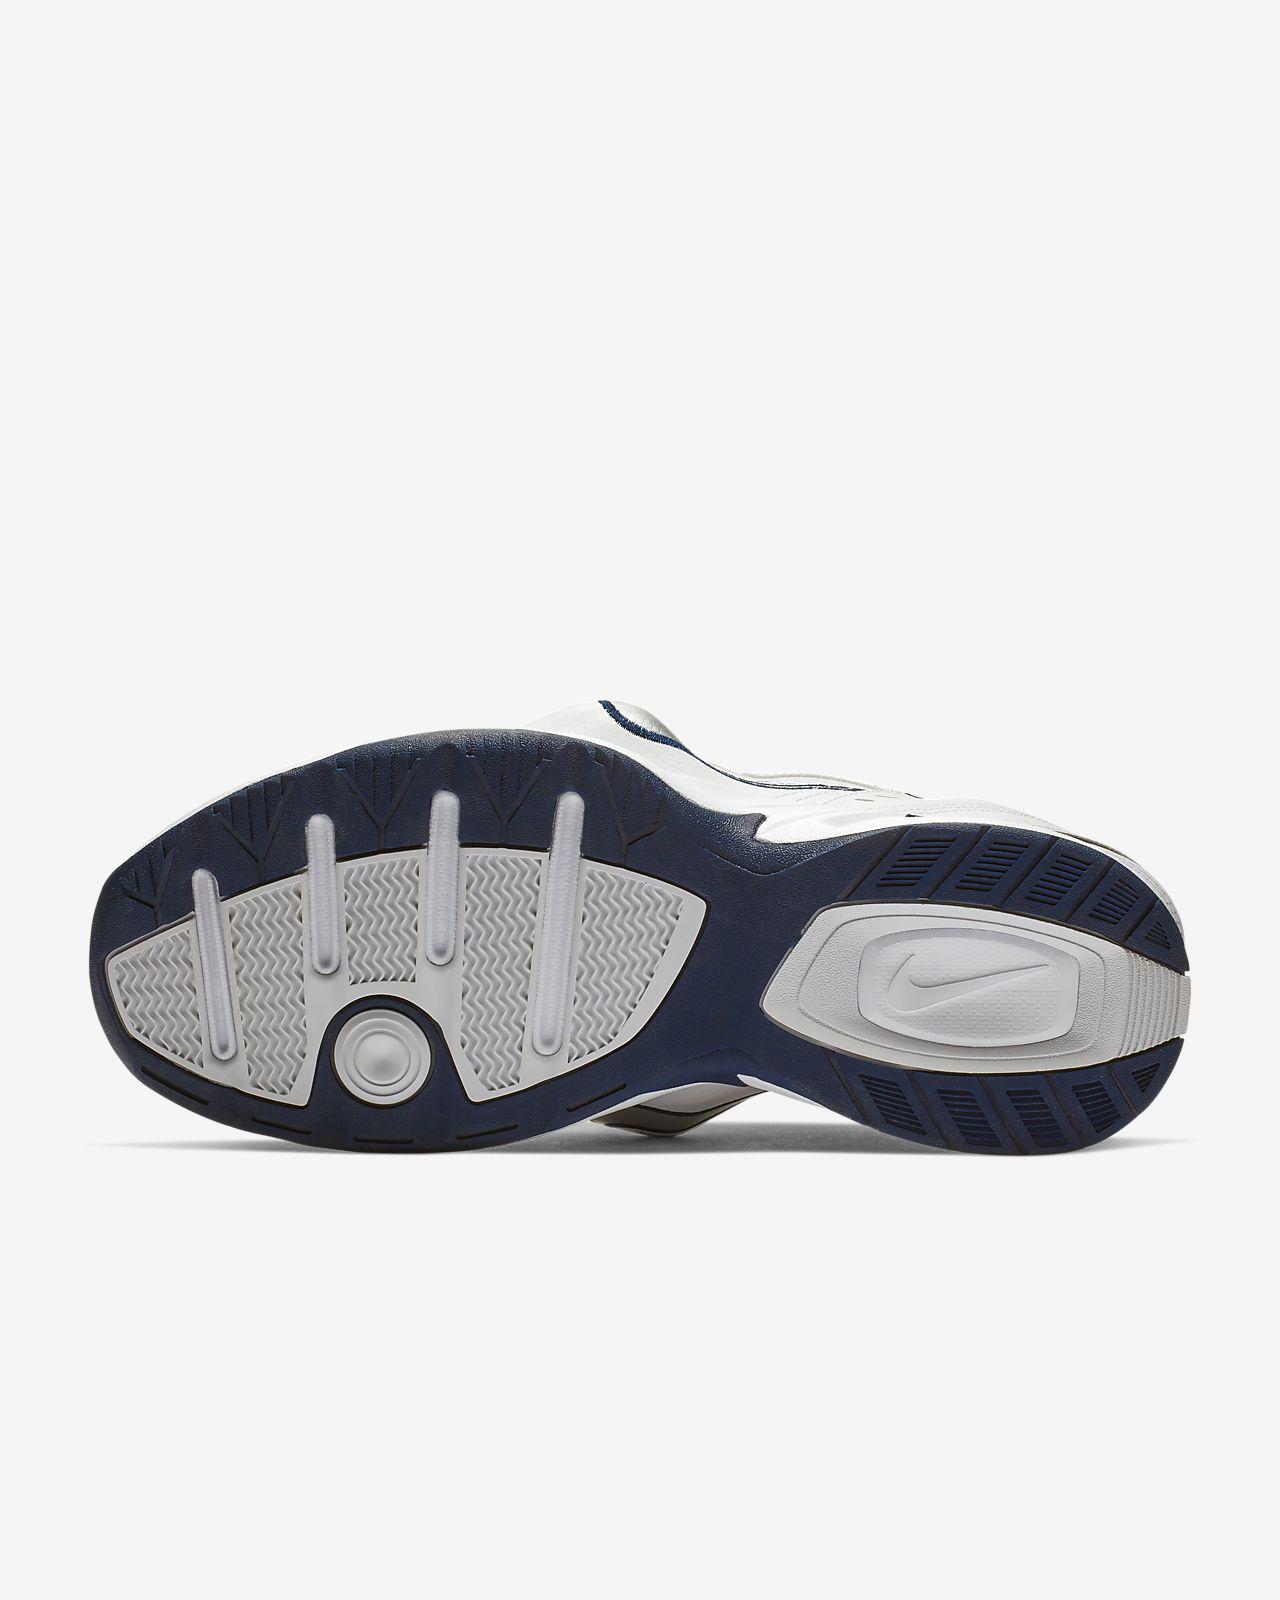 acf979e6a24b81 Nike x Martine Rose Air Monarch IV Shoe. Nike.com IE